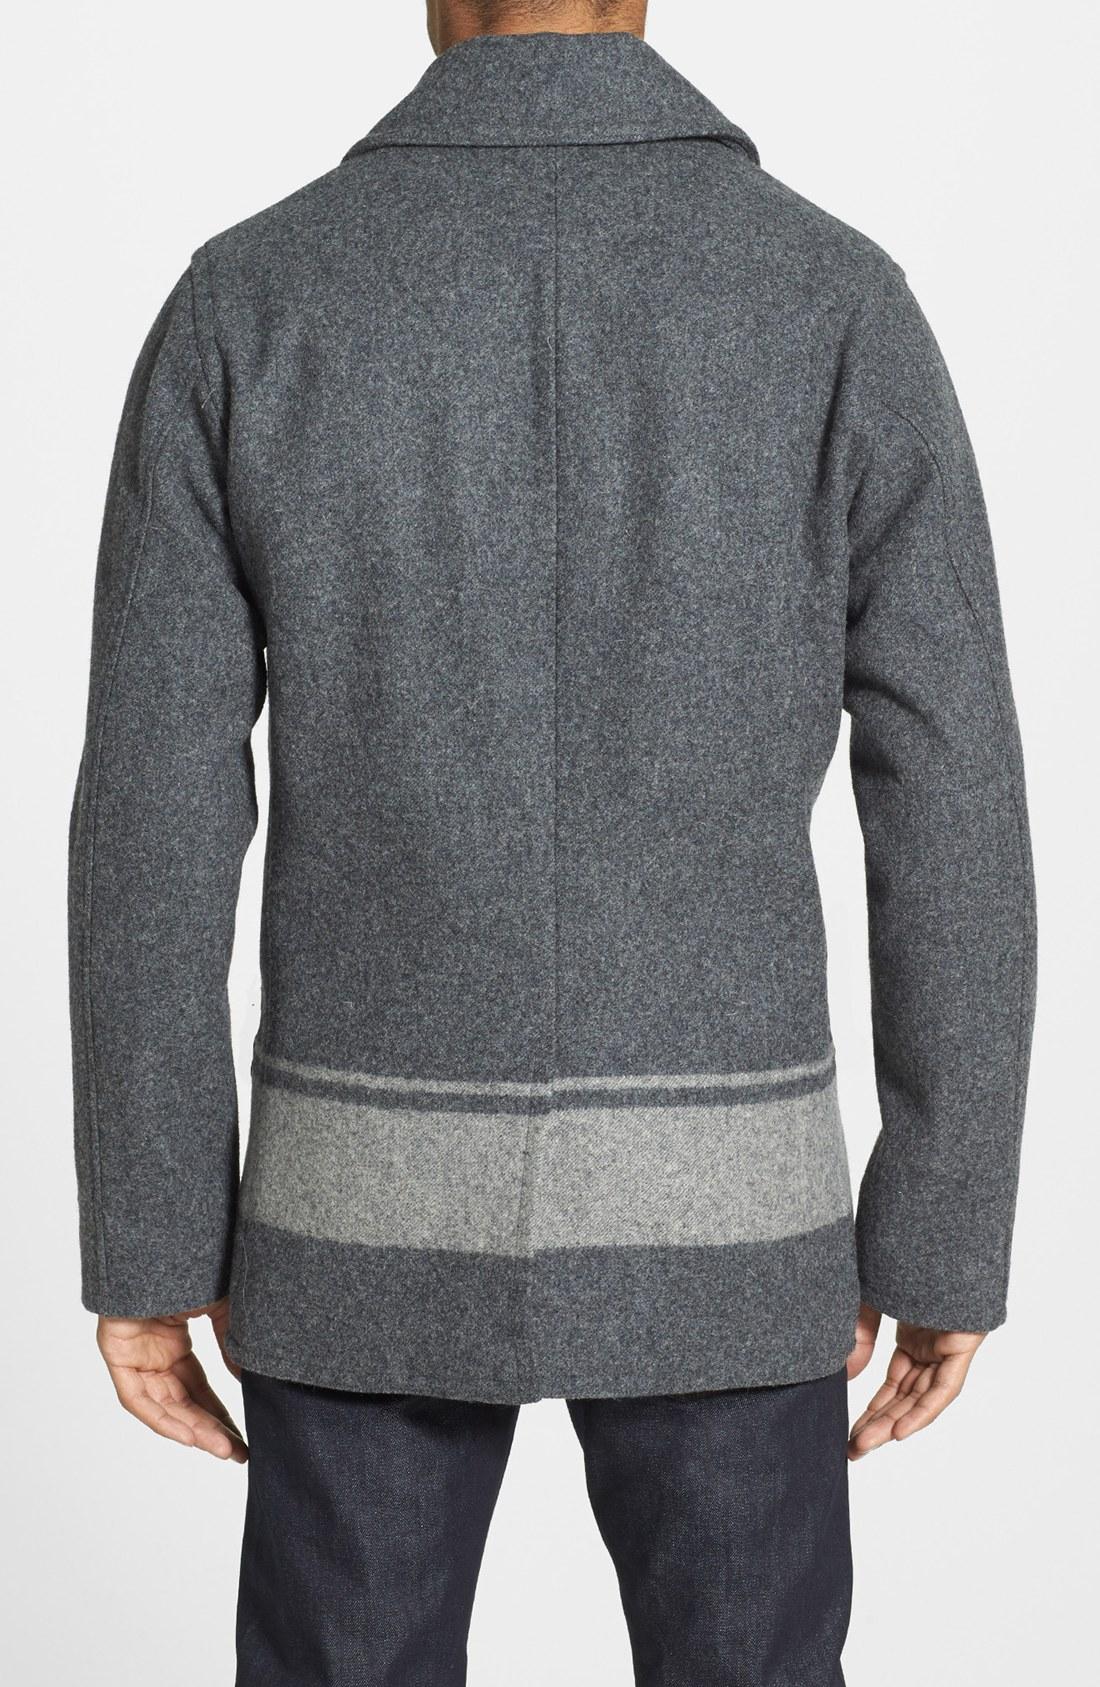 f93c9048653 Woolrich dockworkers peacoat blizzard jas prezzo akabe funk waregem jpg  1100x1687 Woolrich dock coat